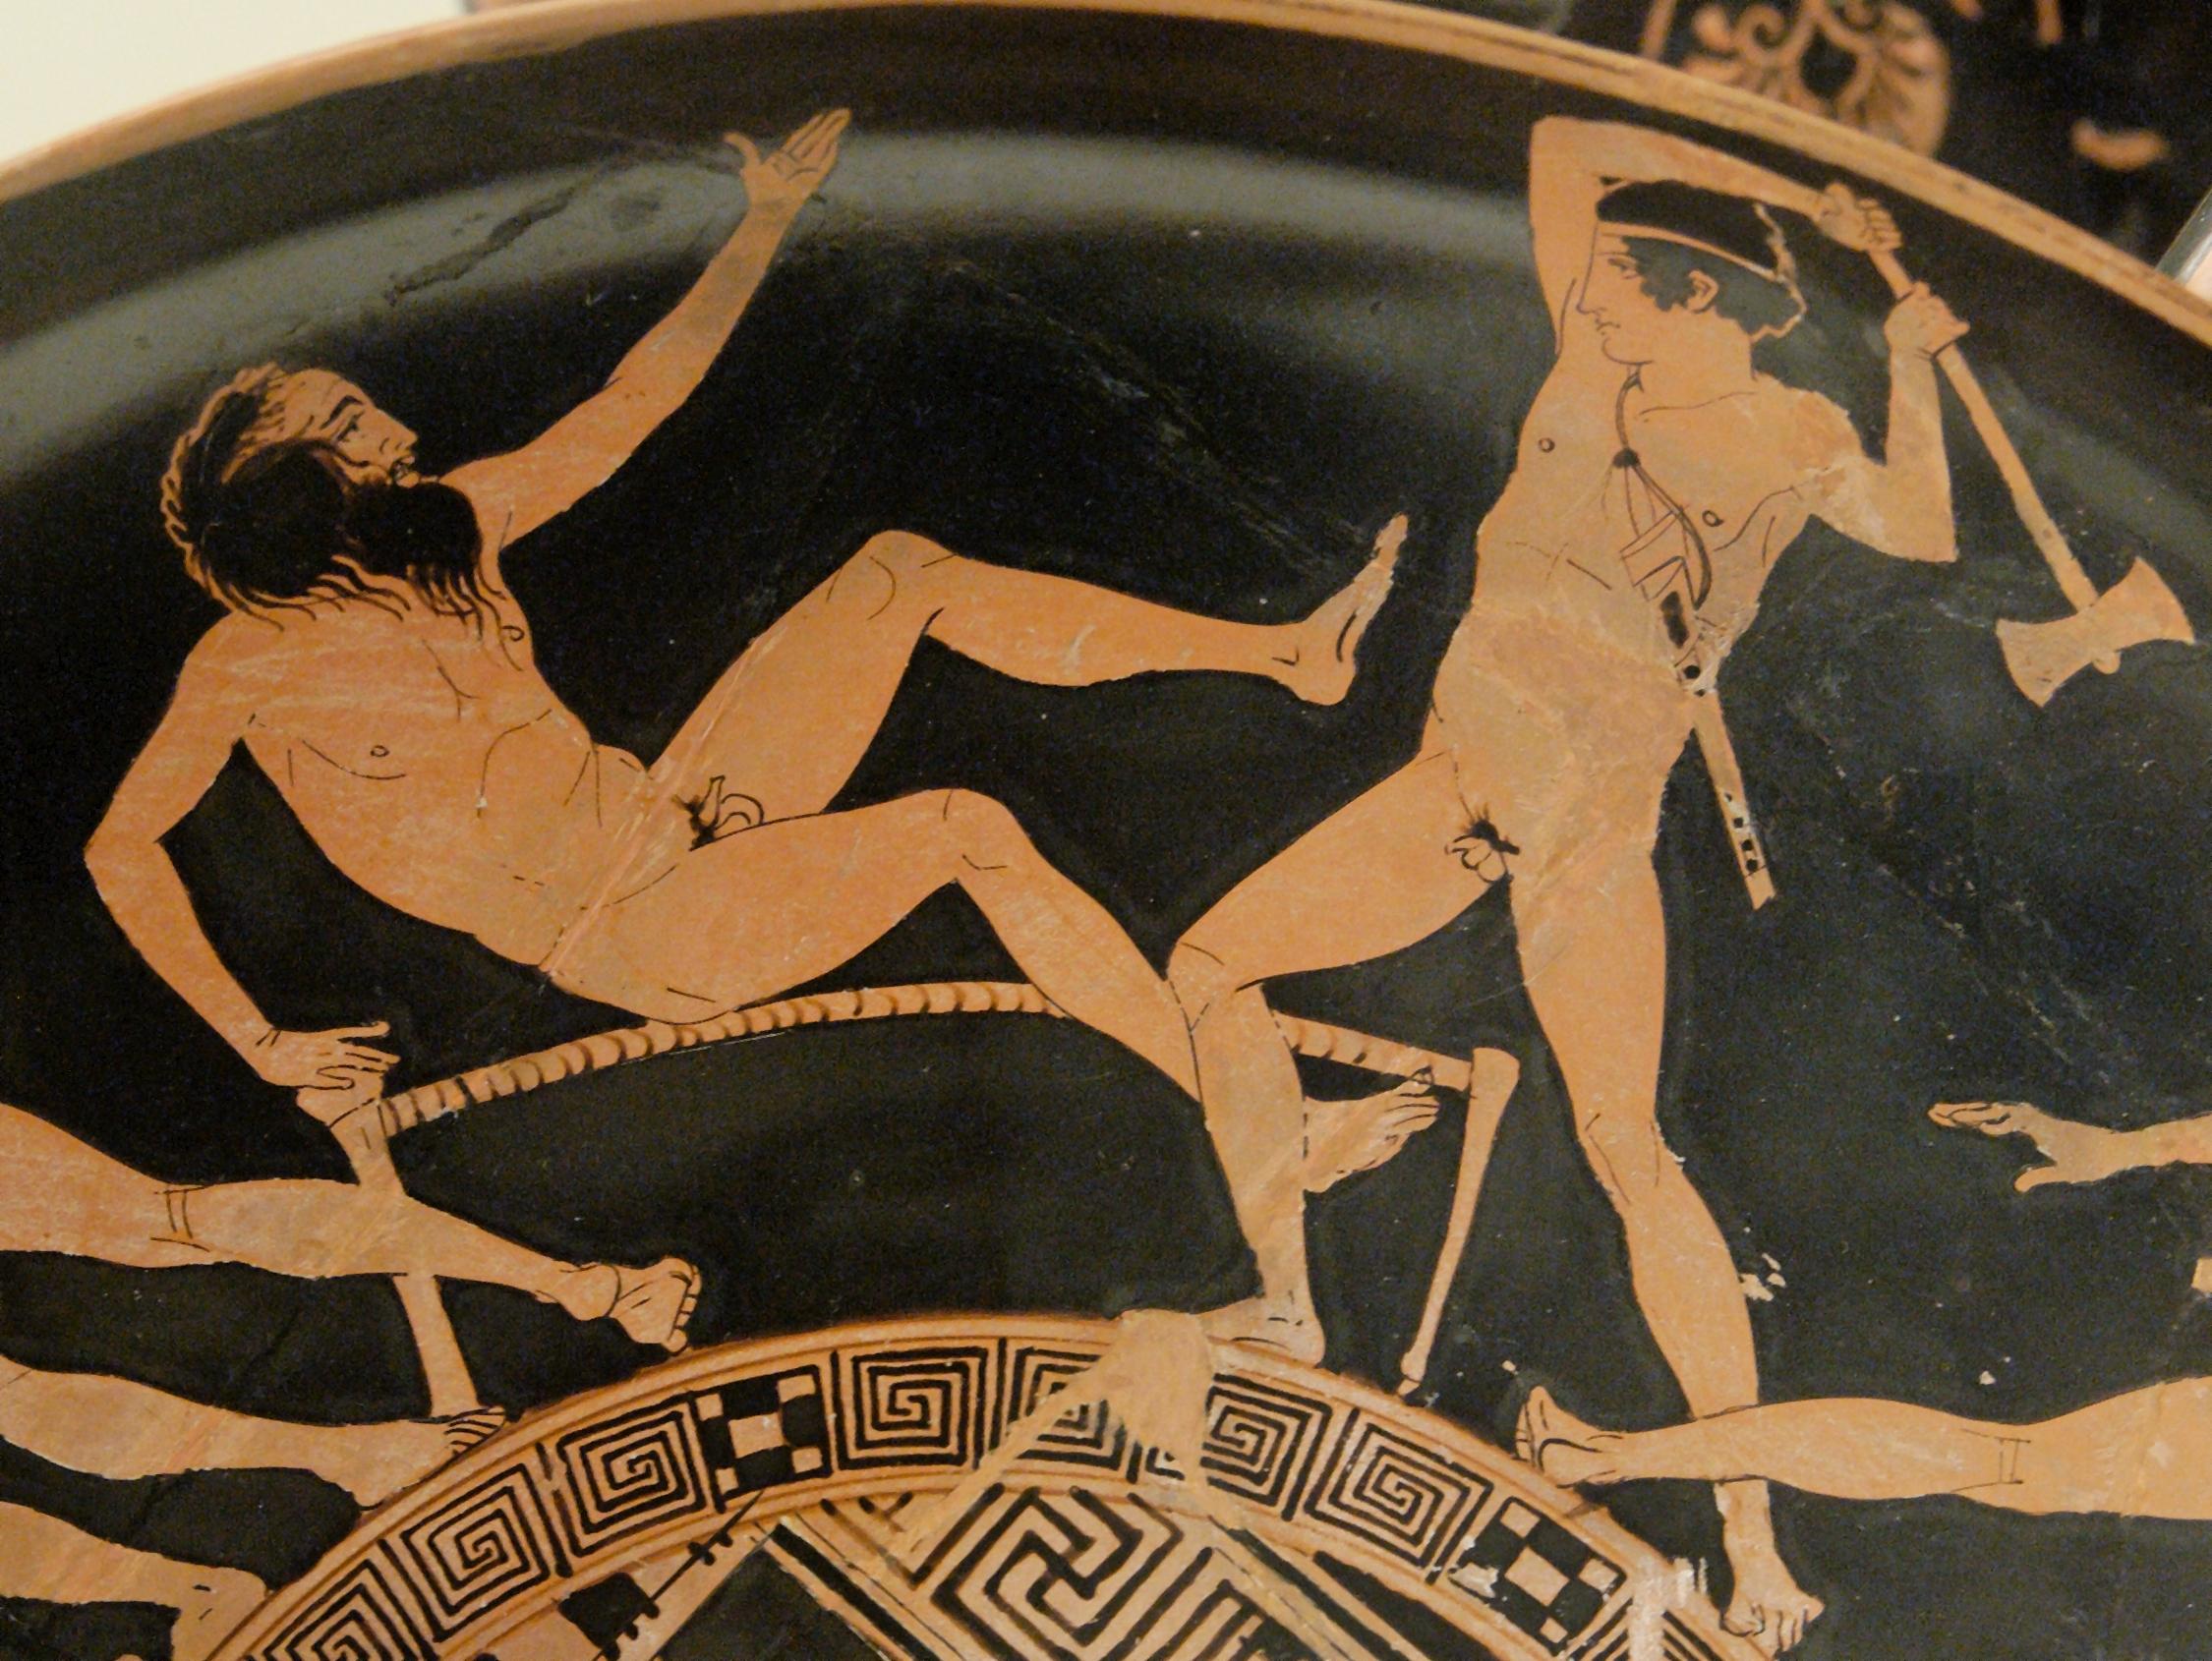 Thésée et Procuste, kylix attique à figures rouges, 440-430 av. J.-C., British Museum, commons.wikimedia.org